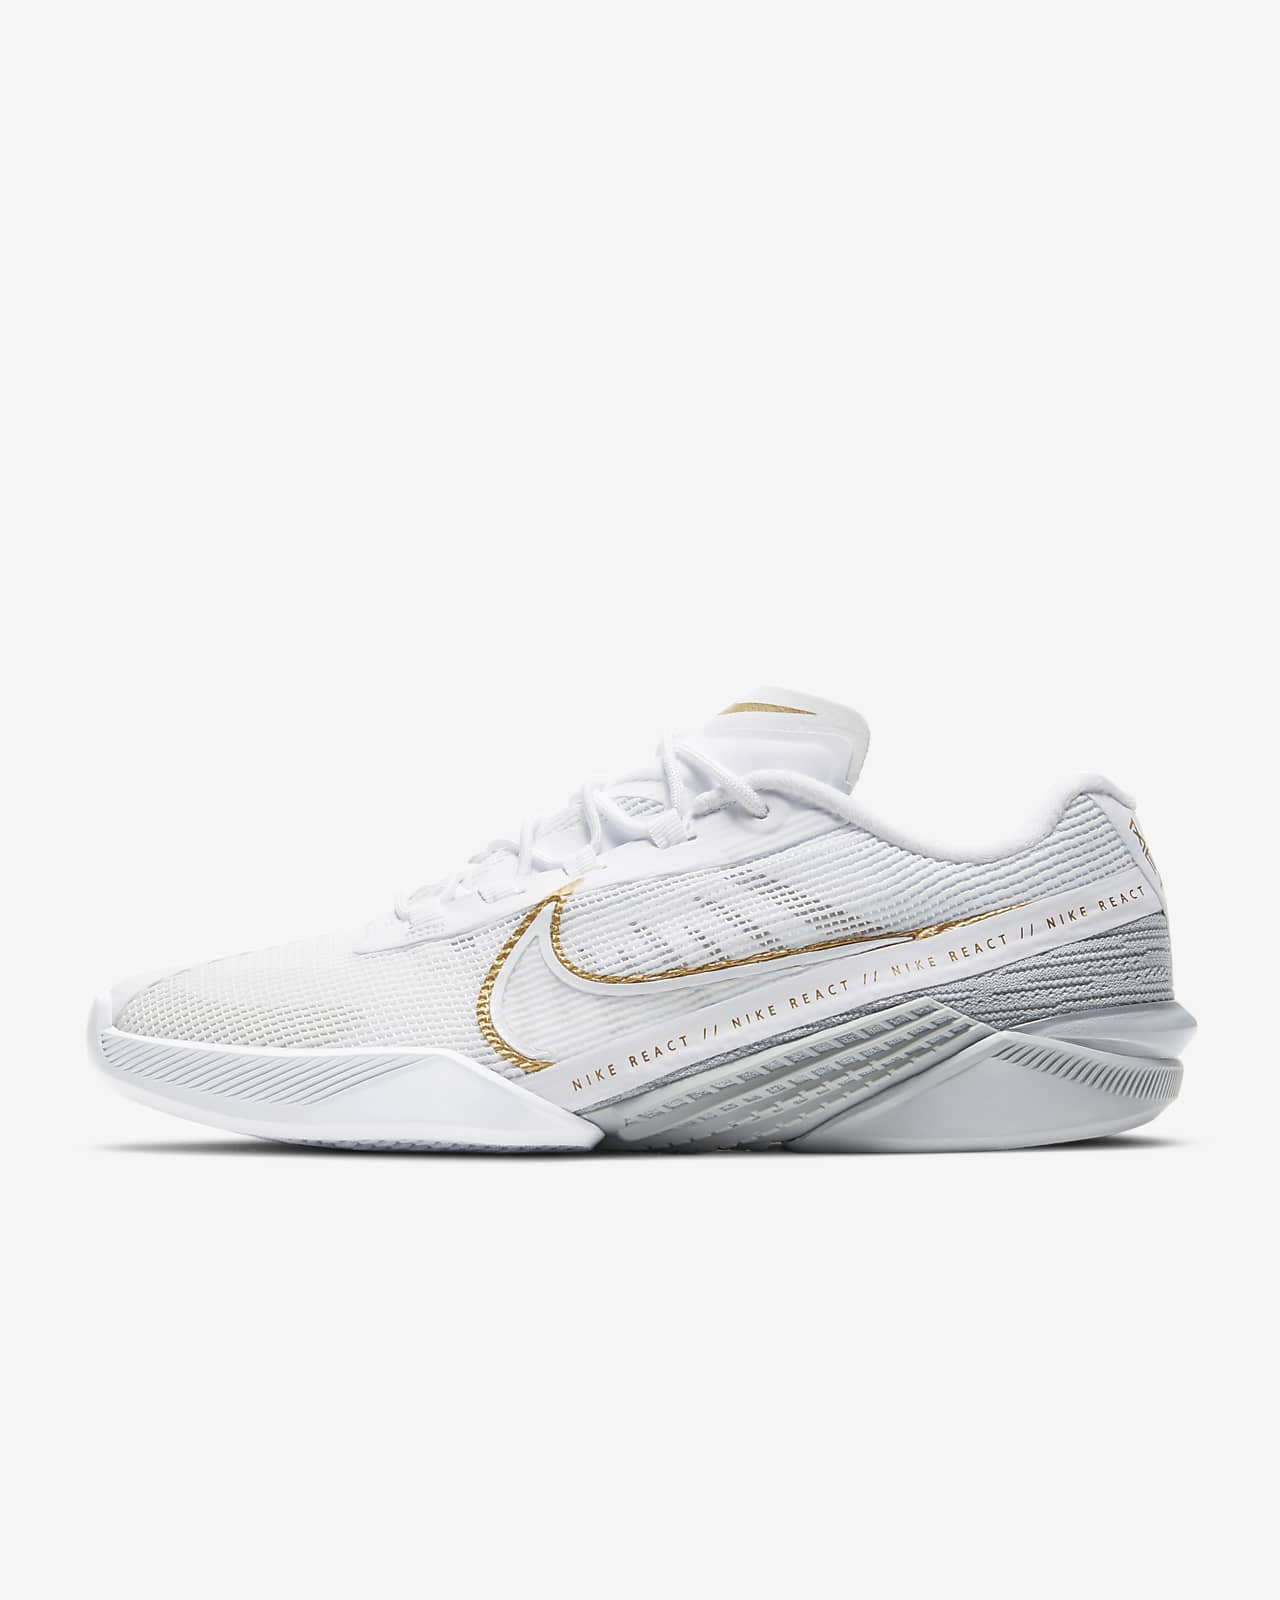 Dámská tréninková bota Nike React Metcon Turbo